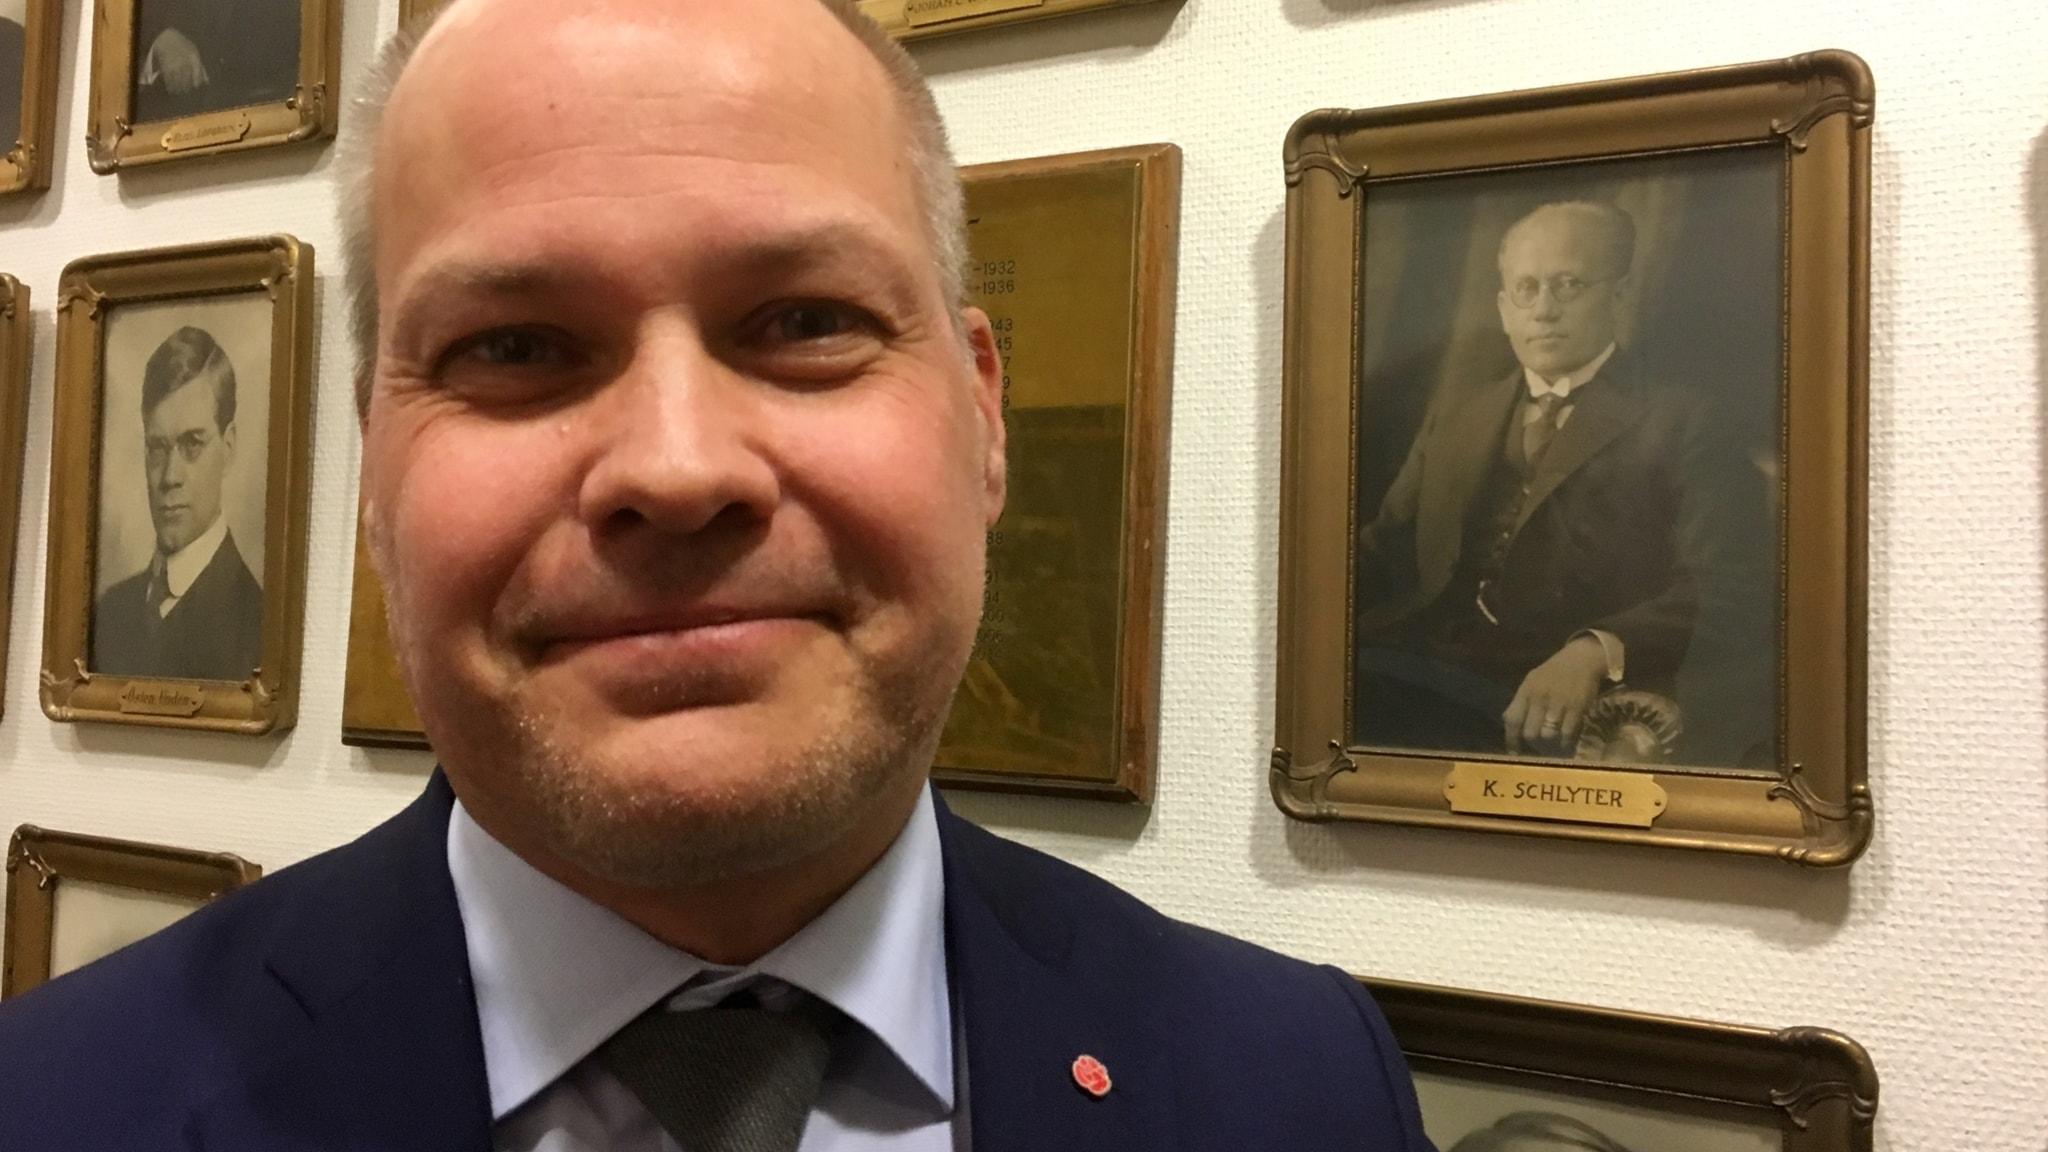 Justitieminister Morgon Johansson